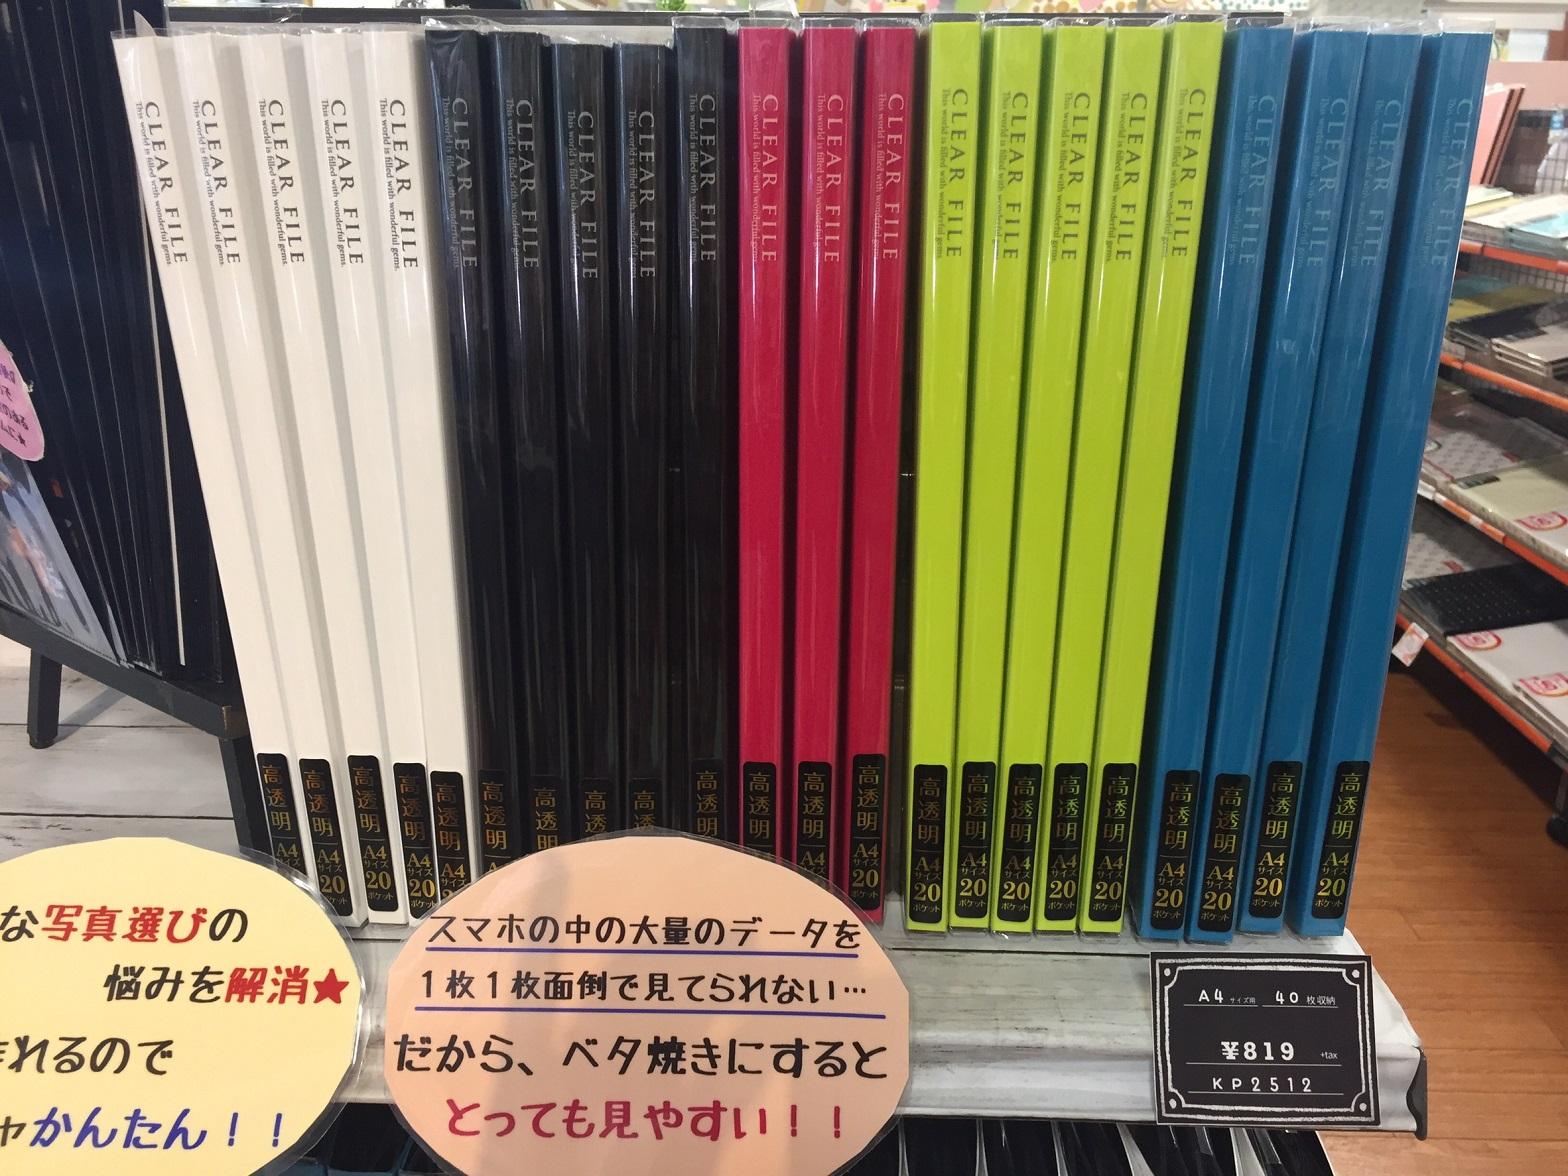 ベタ焼きプリント A4サイズ 360コマ【オート先生ピックアップ付】